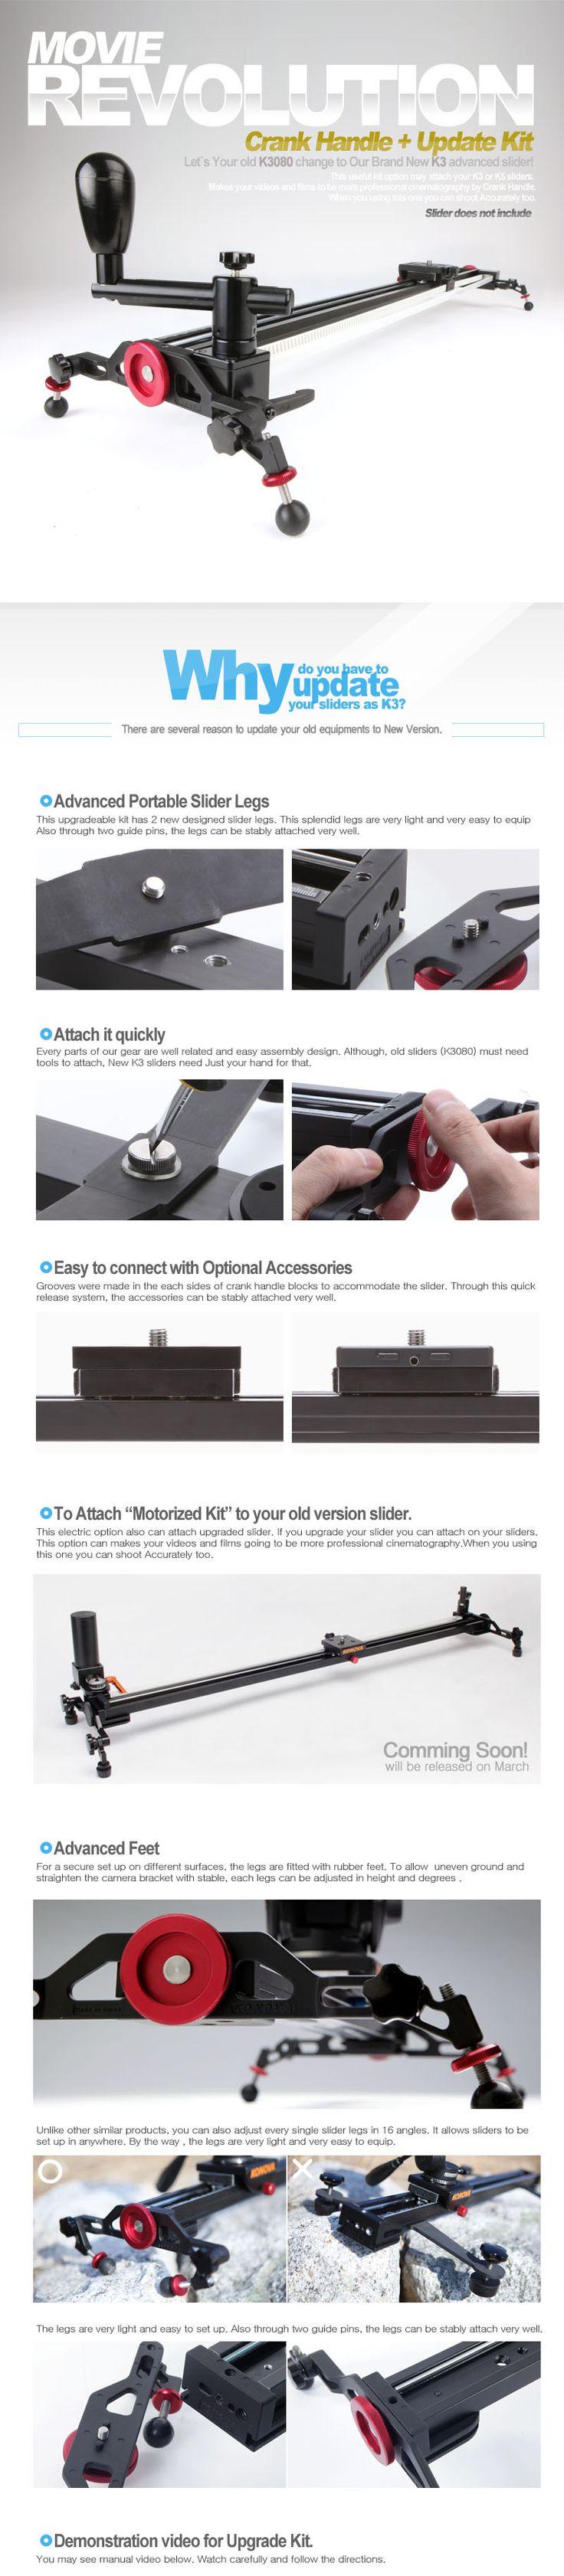 muy bueno para moverlo no manual Camera Camcord slider dolly track Konova Crank Handle Pulley kit